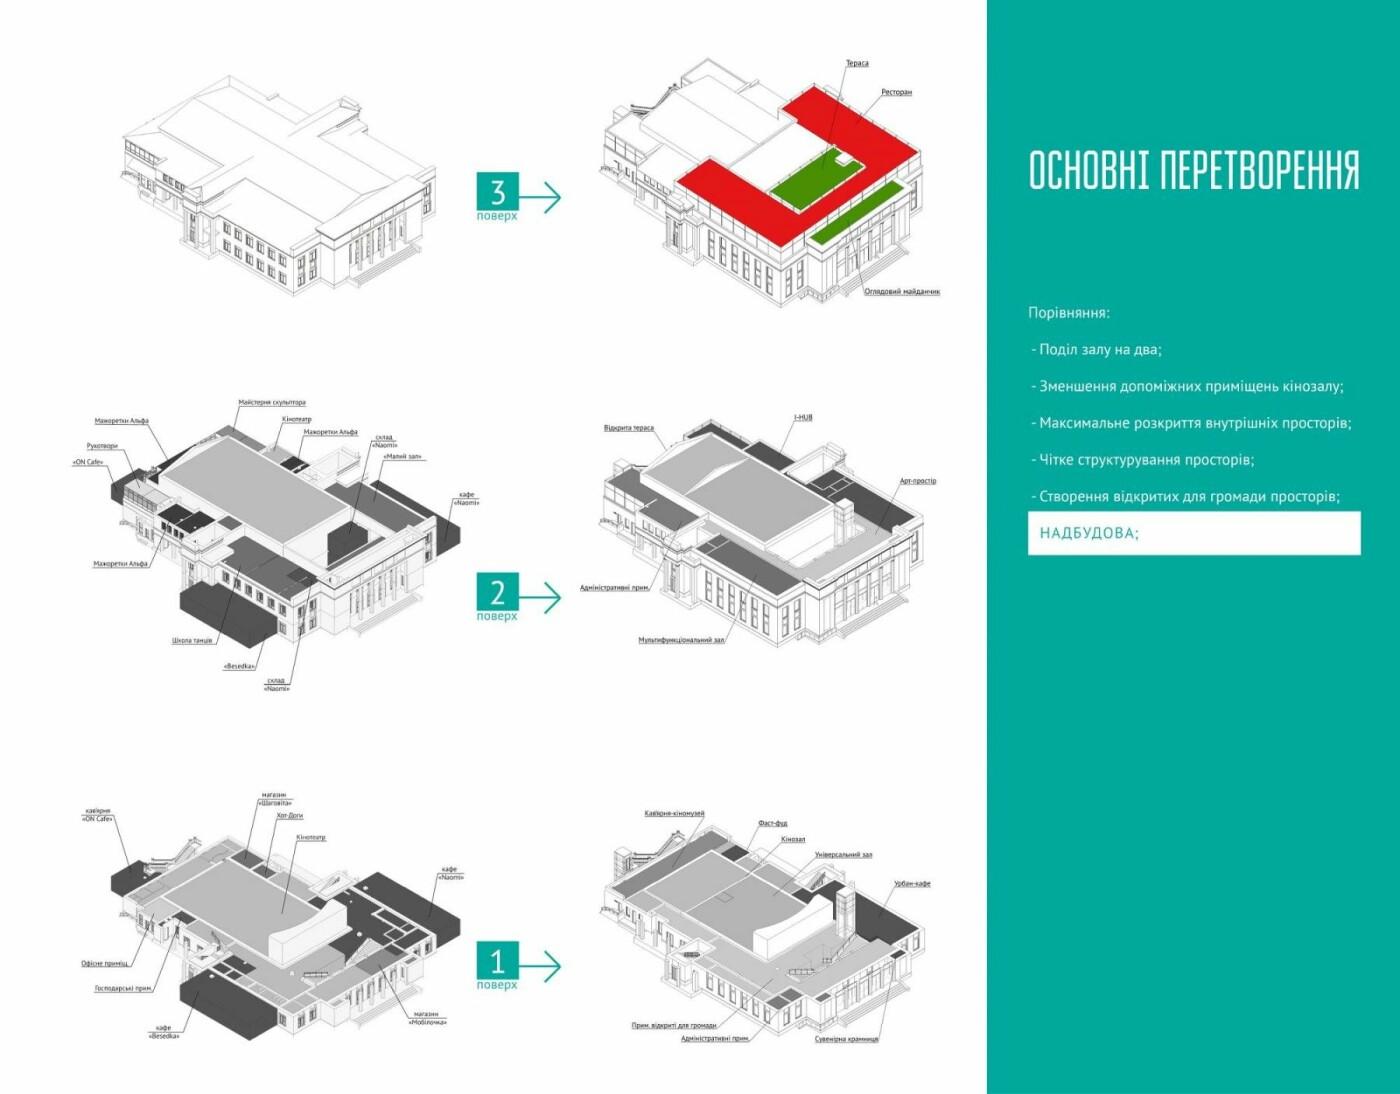 Концепція розвитку: яким буде кінотеатр Шевченка в майбутньому, фото-2